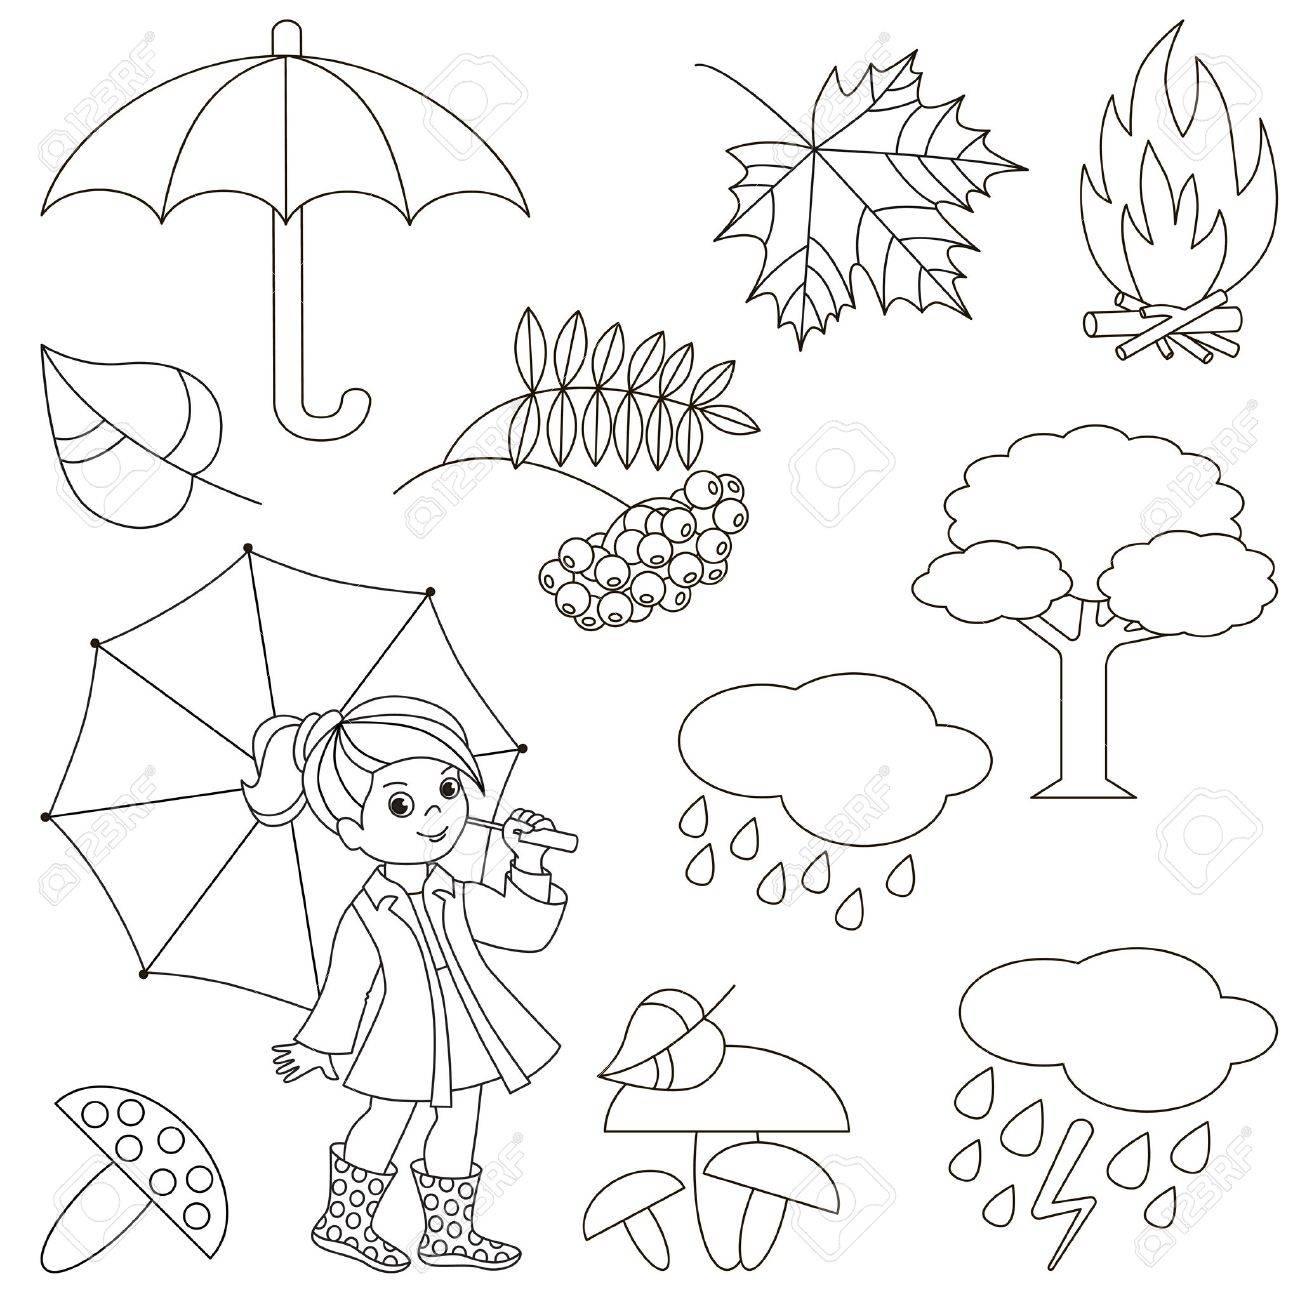 Conjunto De Elementos De Otoño Colección De Plantilla De Libro Para Colorear El Grupo De Elementos Digitales De Esquema Vector Ilustración